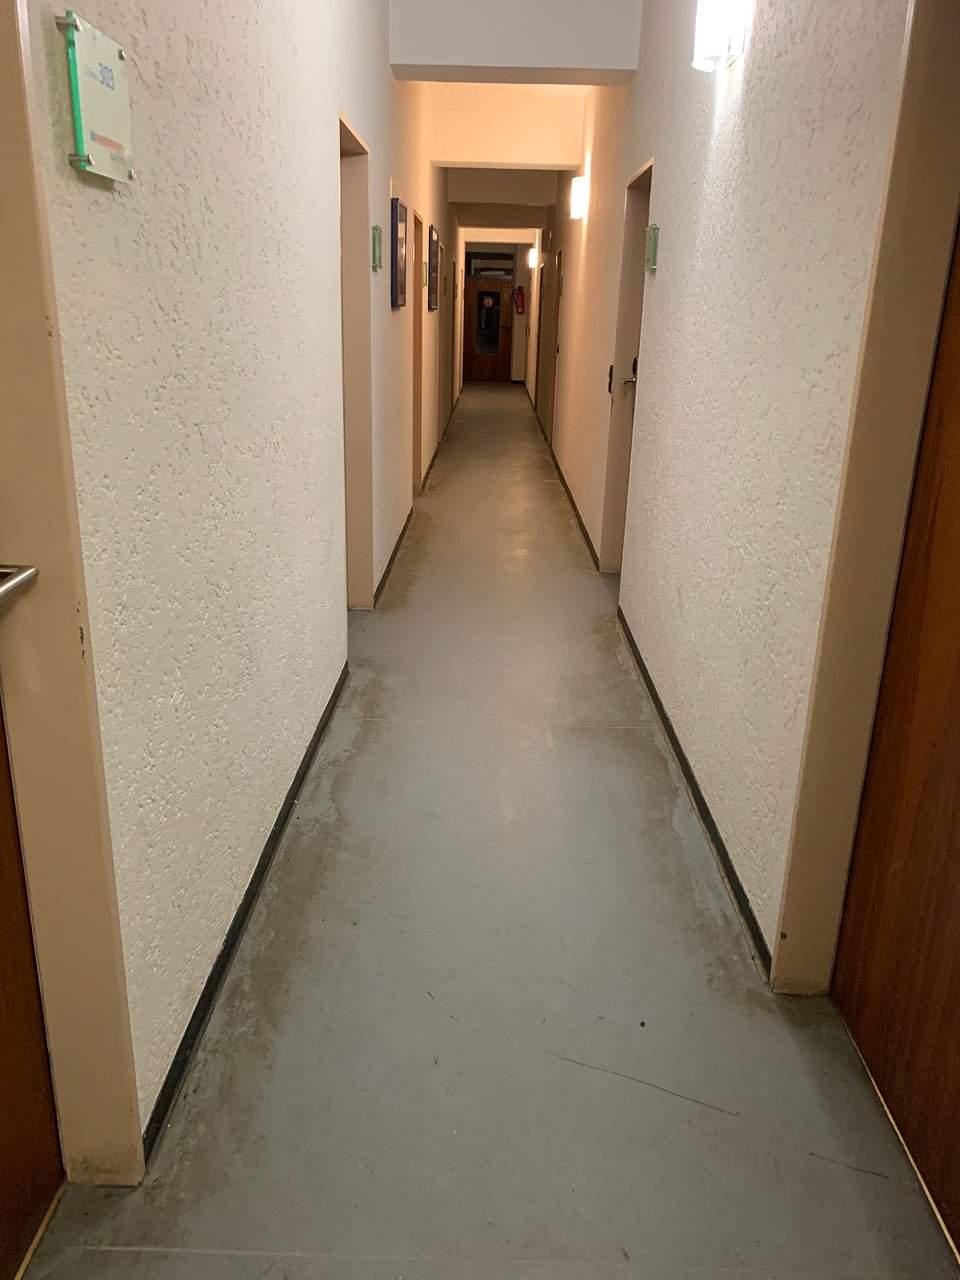 Hotel Blesius Garten Trier Frisch Die Besten Hostels In Trier 2020 Mit Preisen Tripadvisor